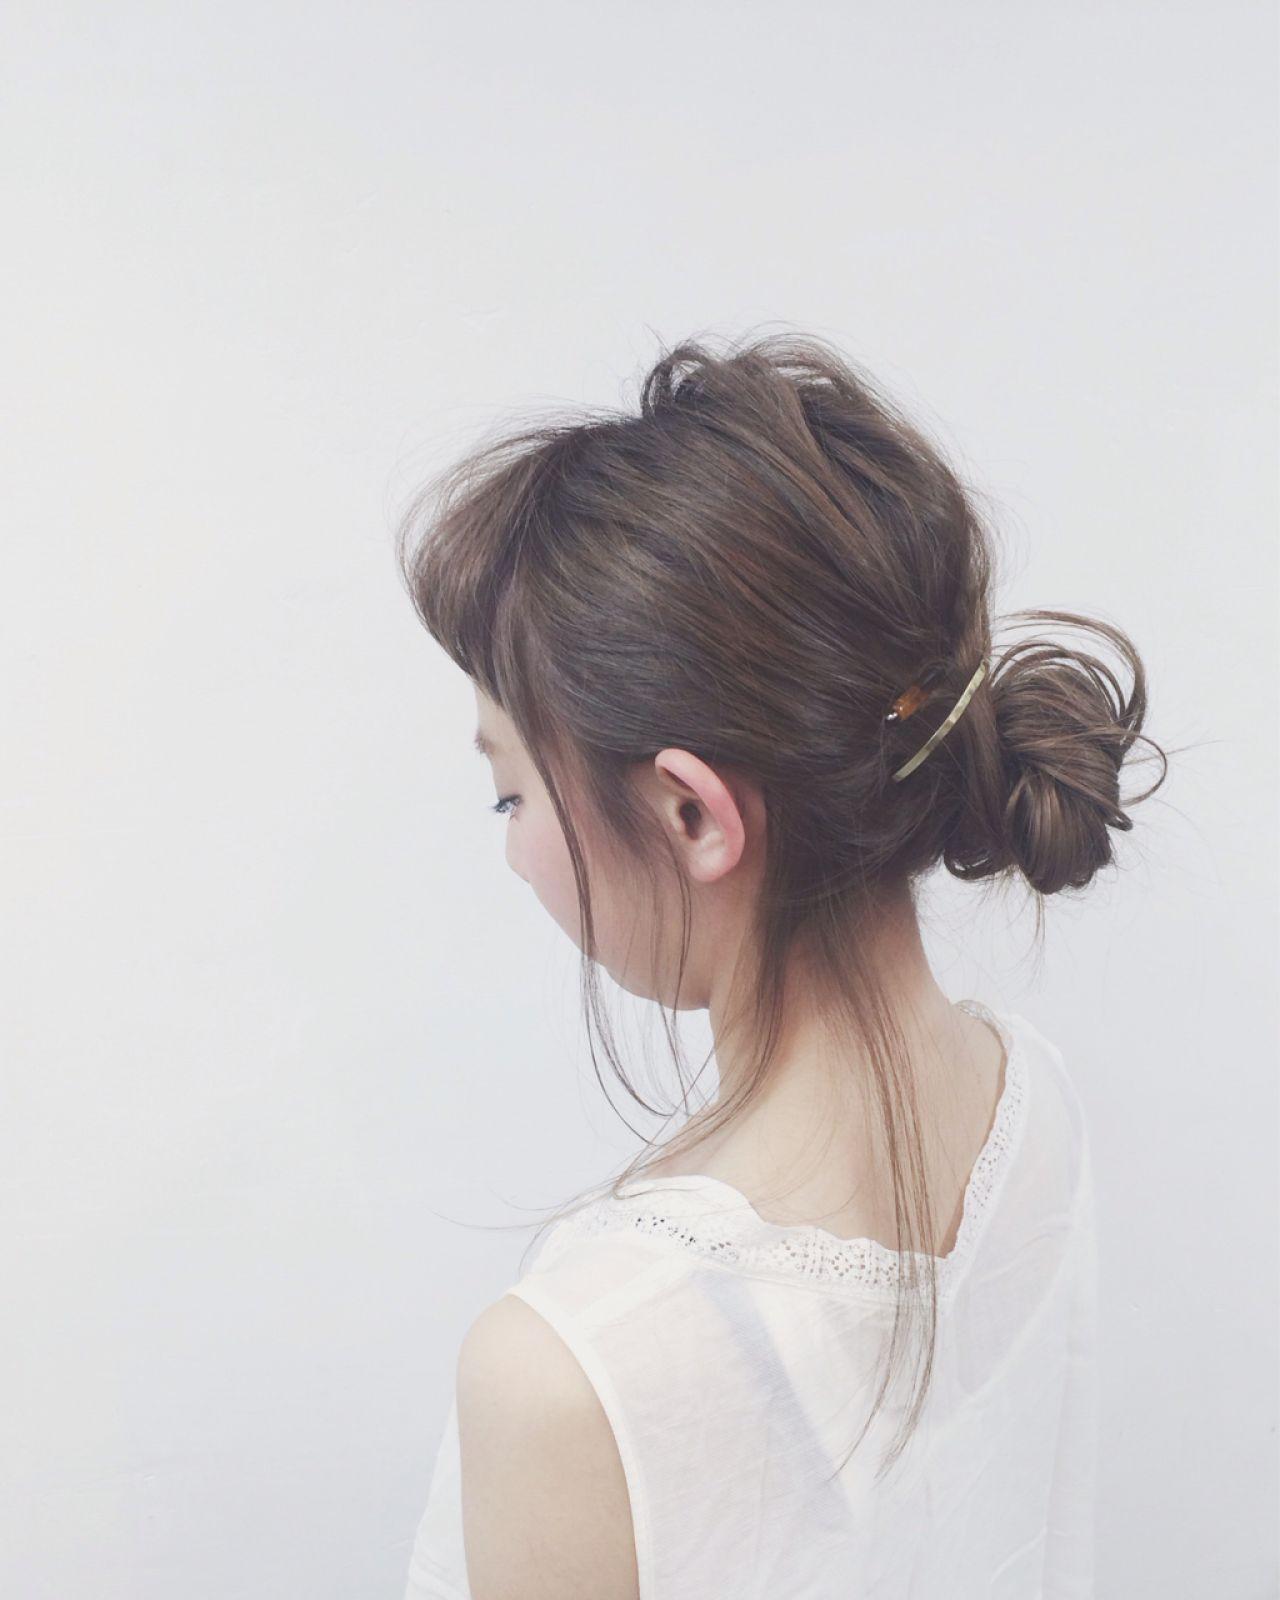 つけるだけでかわいい♡バレッタって超便利♡ 末藤 智子 / Laulea